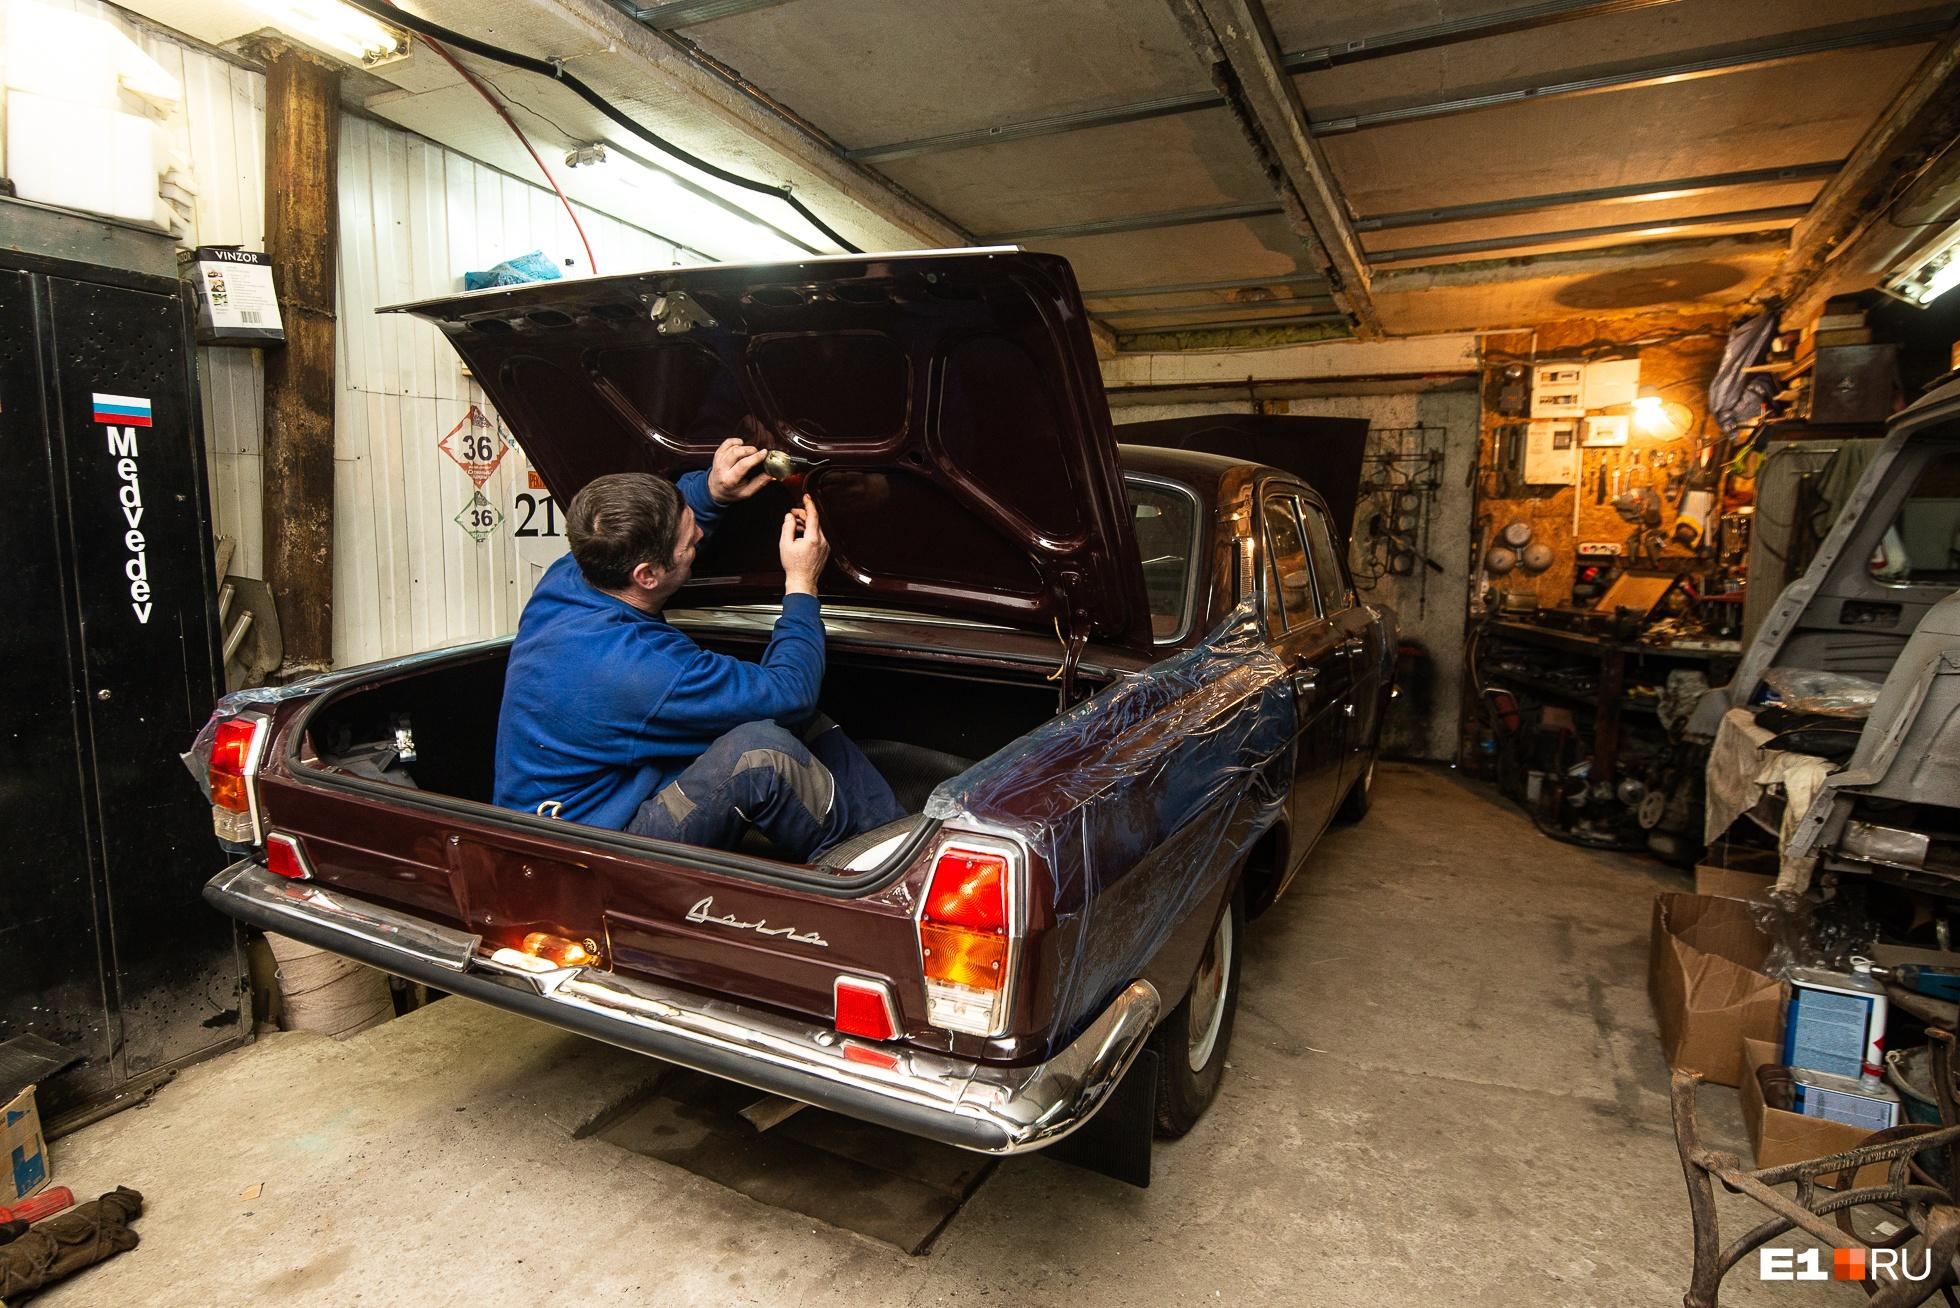 На реставрацию машины Константин потратил примерно миллион рублей